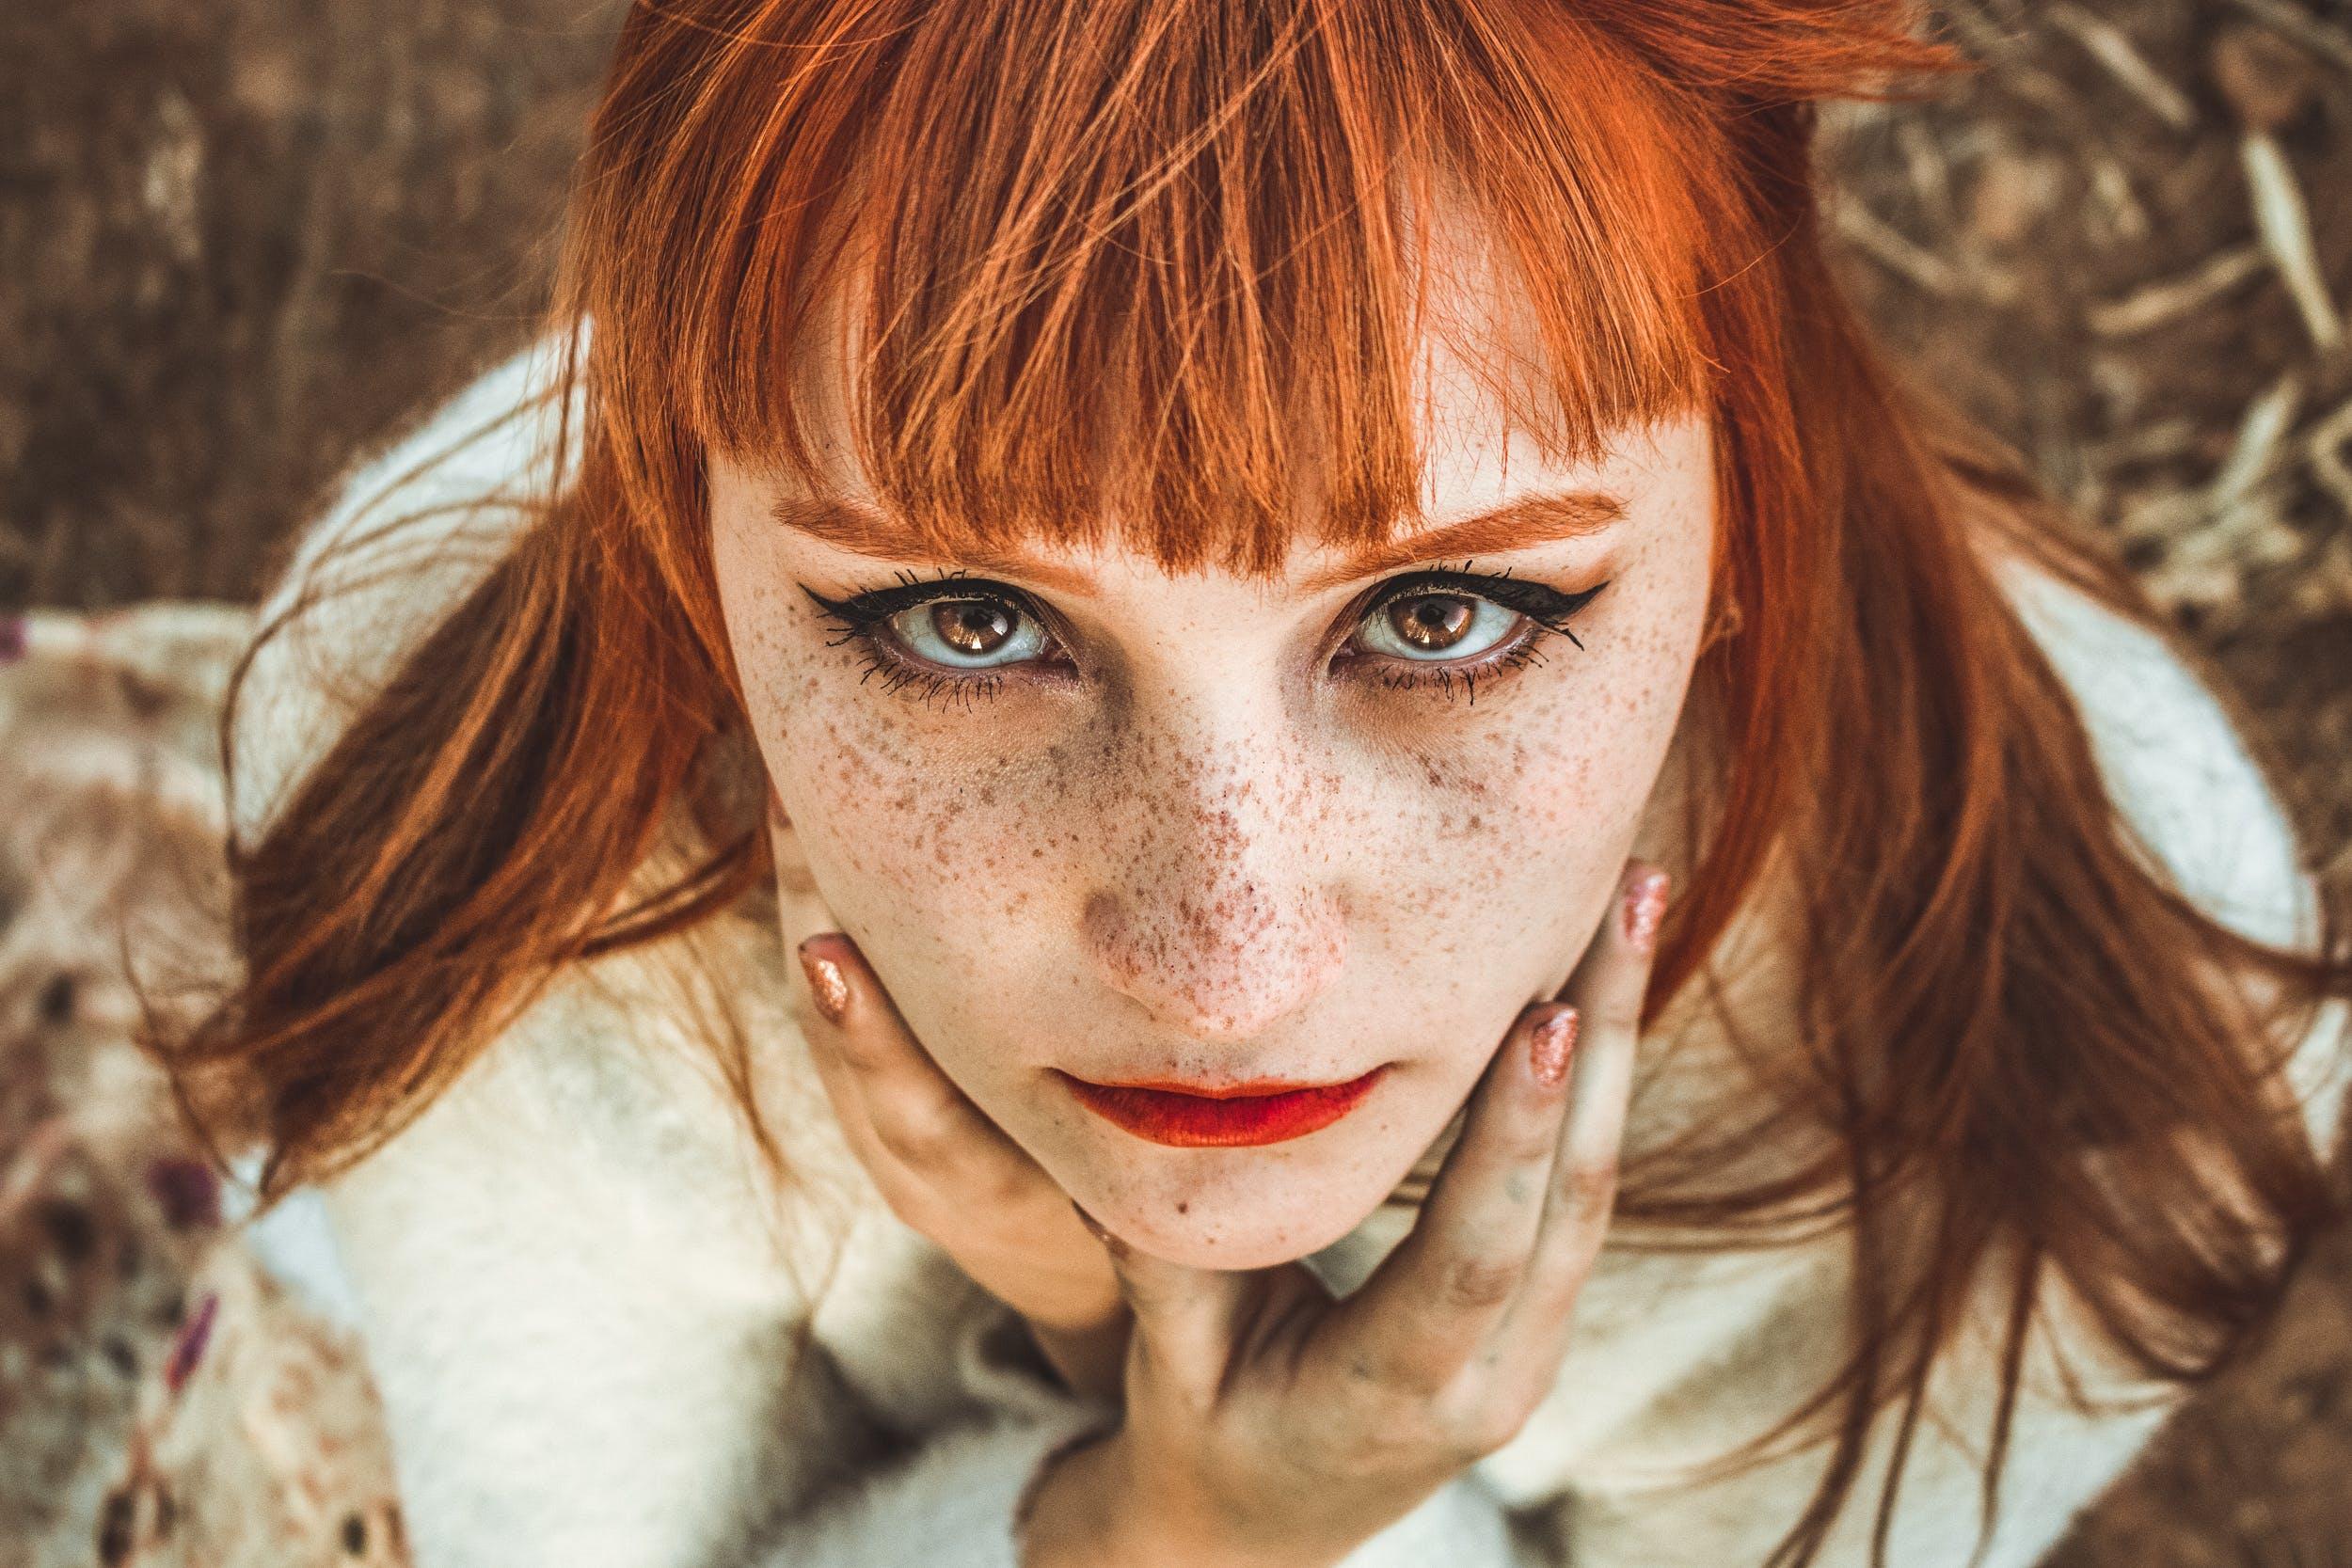 Бесплатное стоковое фото с веснушки, выражение лица, глаза, женщина